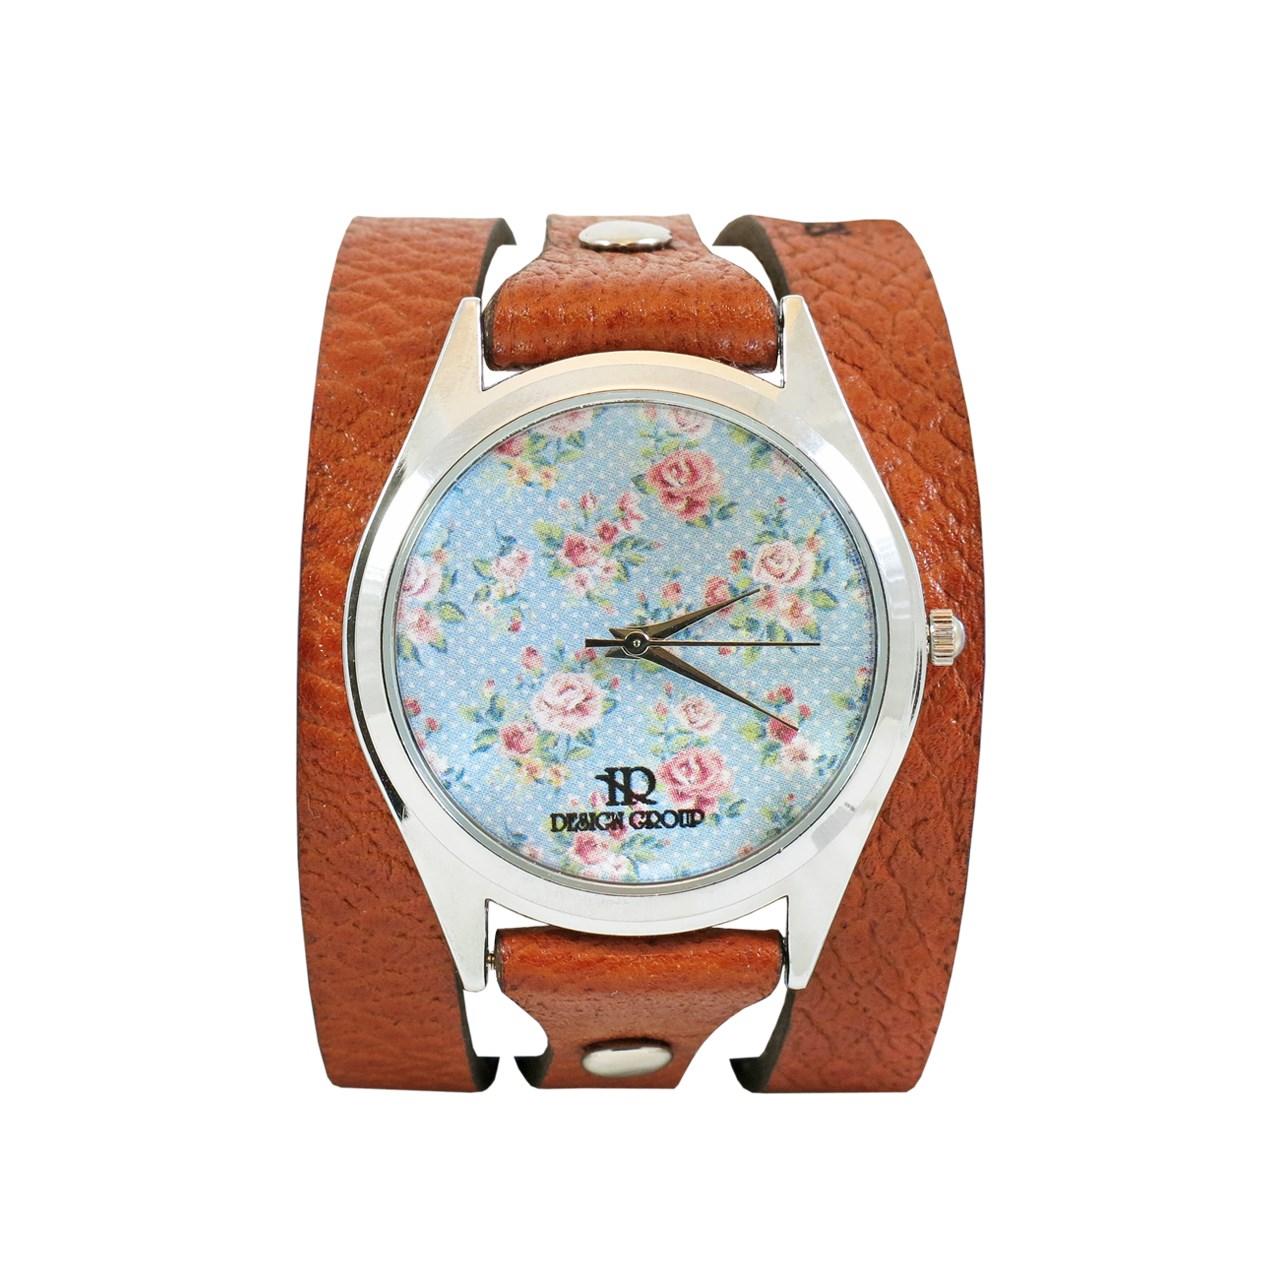 ساعت دست ساز اچ آر دیزاین گروپ مدل 004